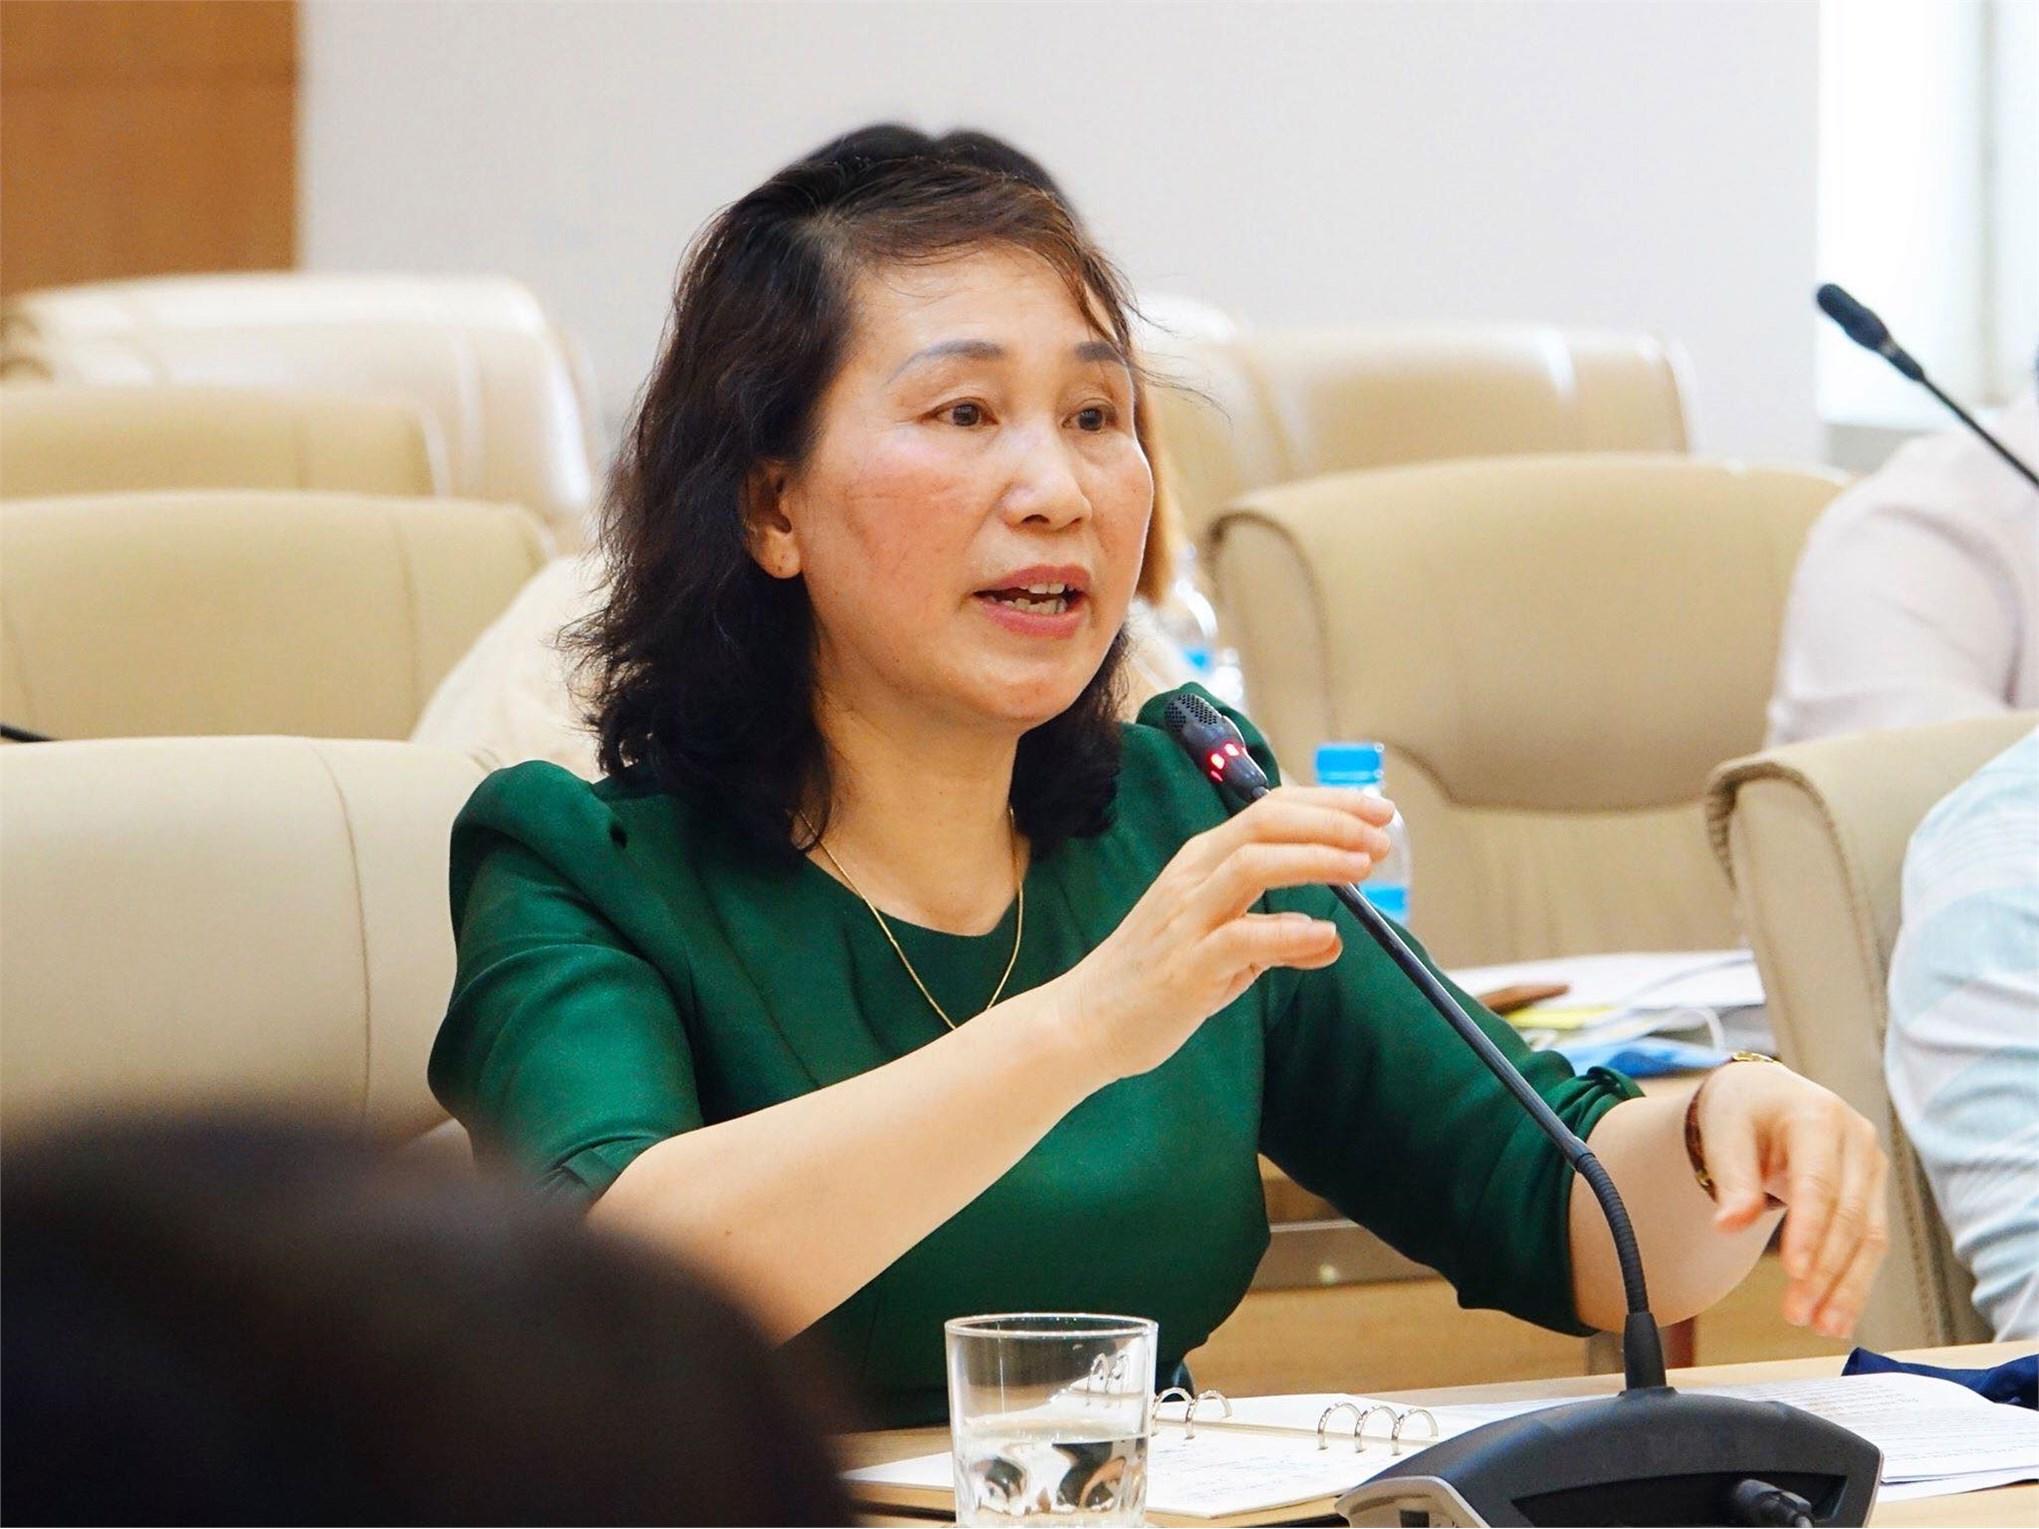 TS. Bùi Thị Ngân báo cáo công tác phòng chống dịch Covid-19 tại trường Đại học Công nghiệp Hà Nội.